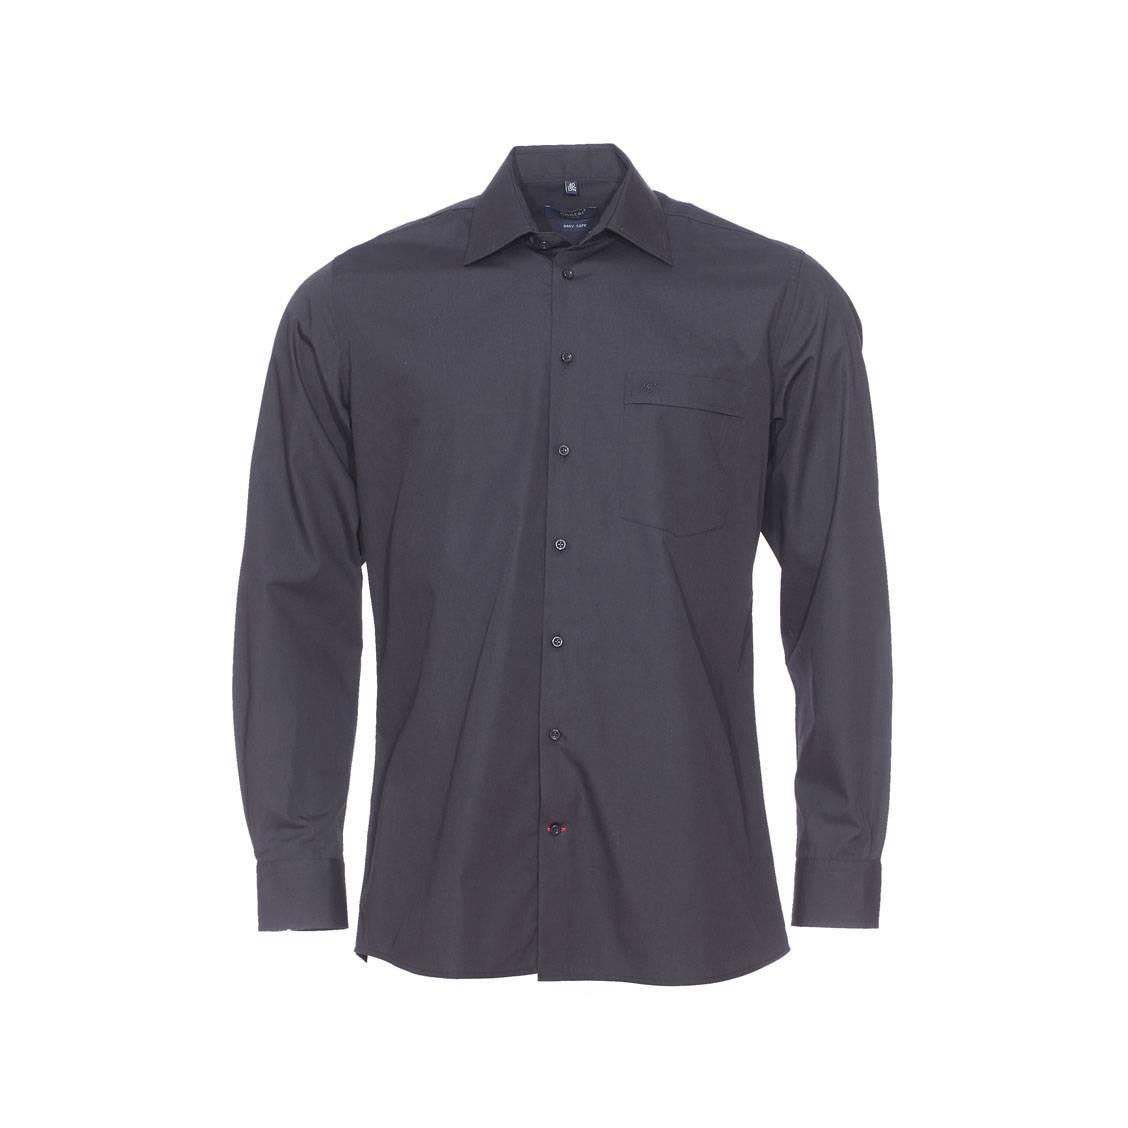 Chemise droite  noire, repassage facile